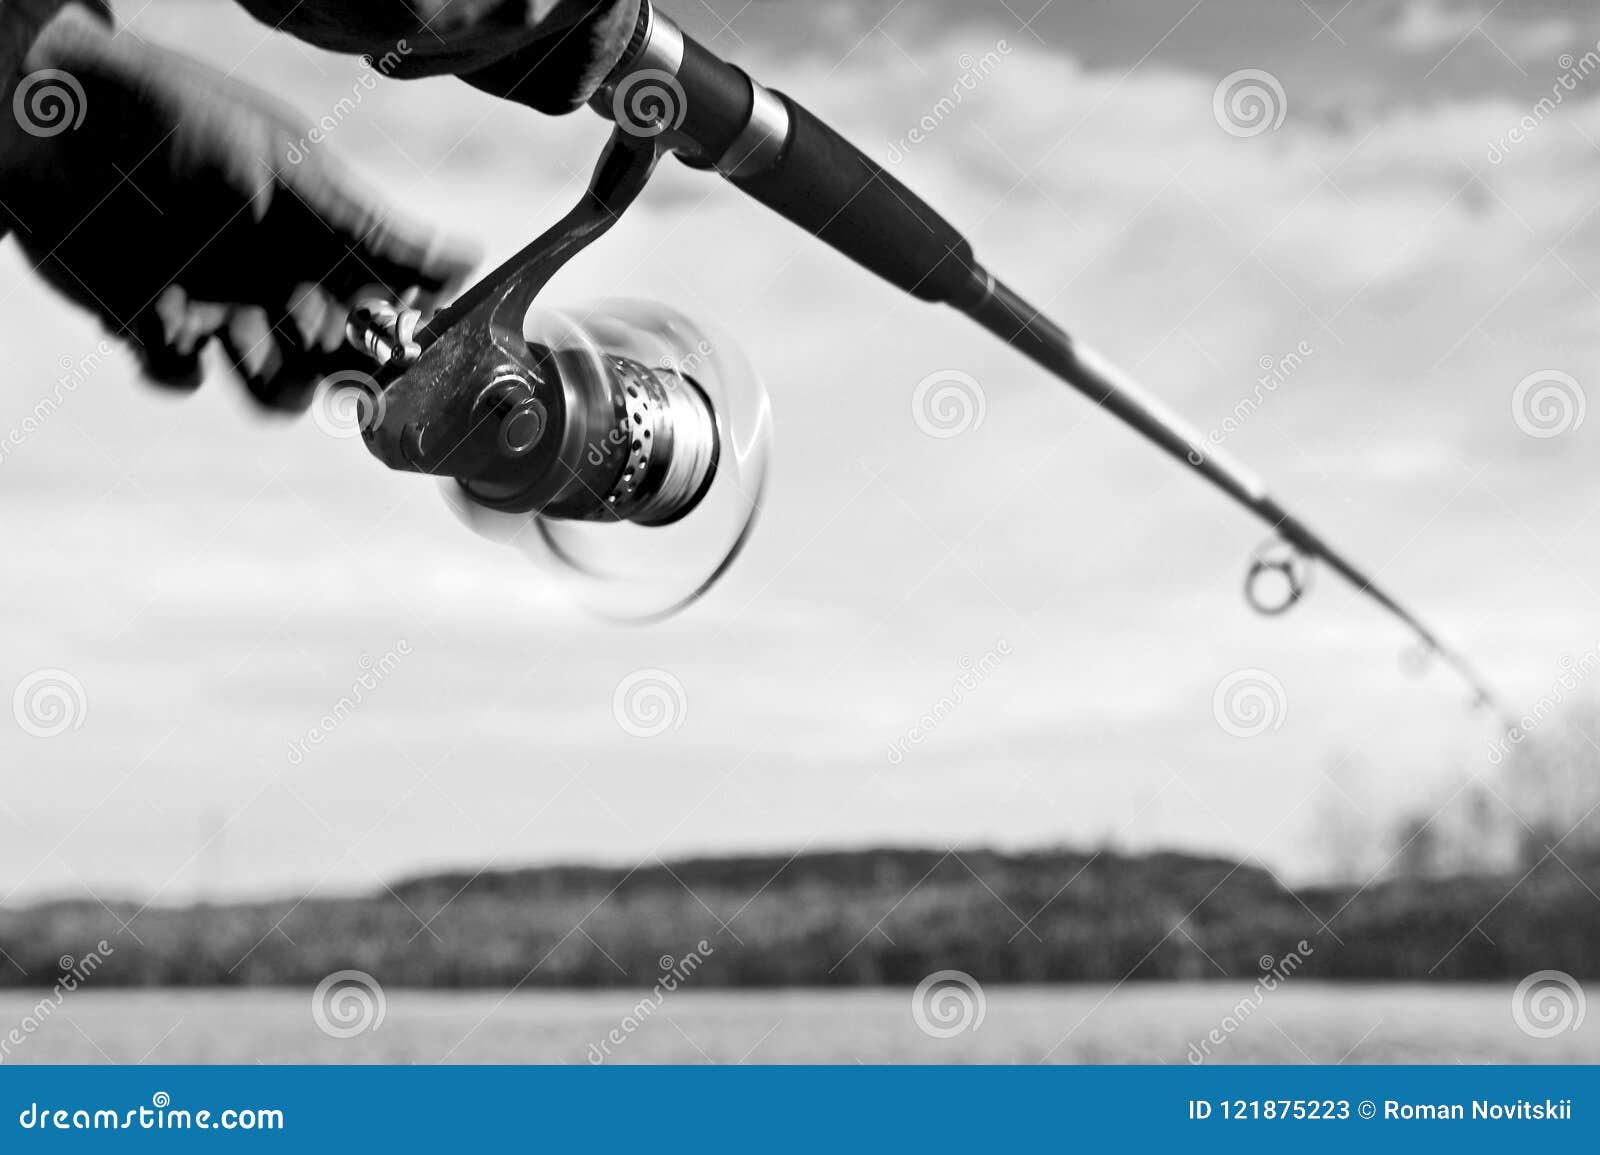 Um pescador trava um peixe Close up de giro do carretel Imagem preto e branco blurry